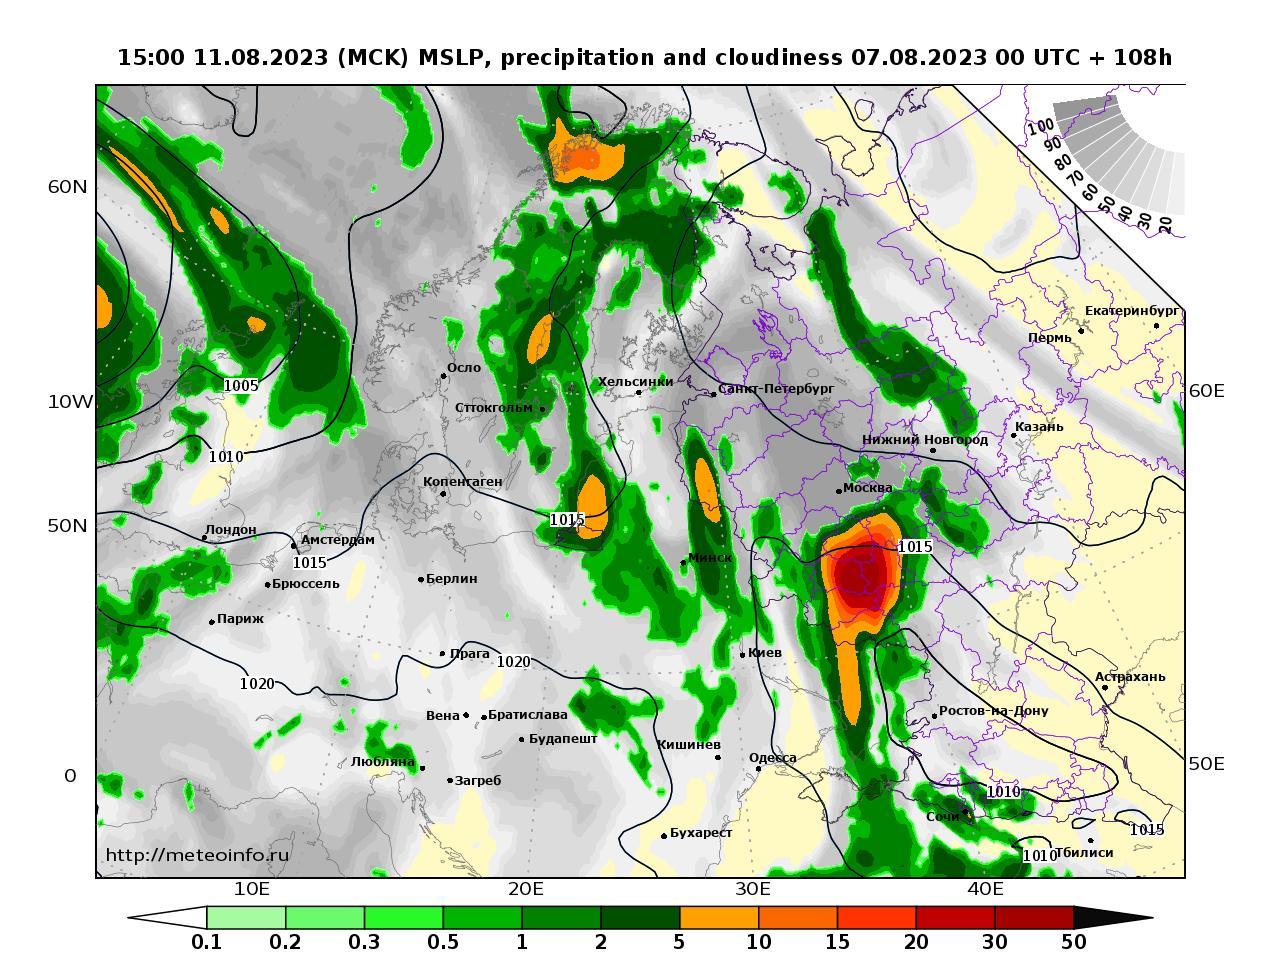 Европейская территория России, прогностическая карта осадки и давление, заблаговременность прогноза 108 часов